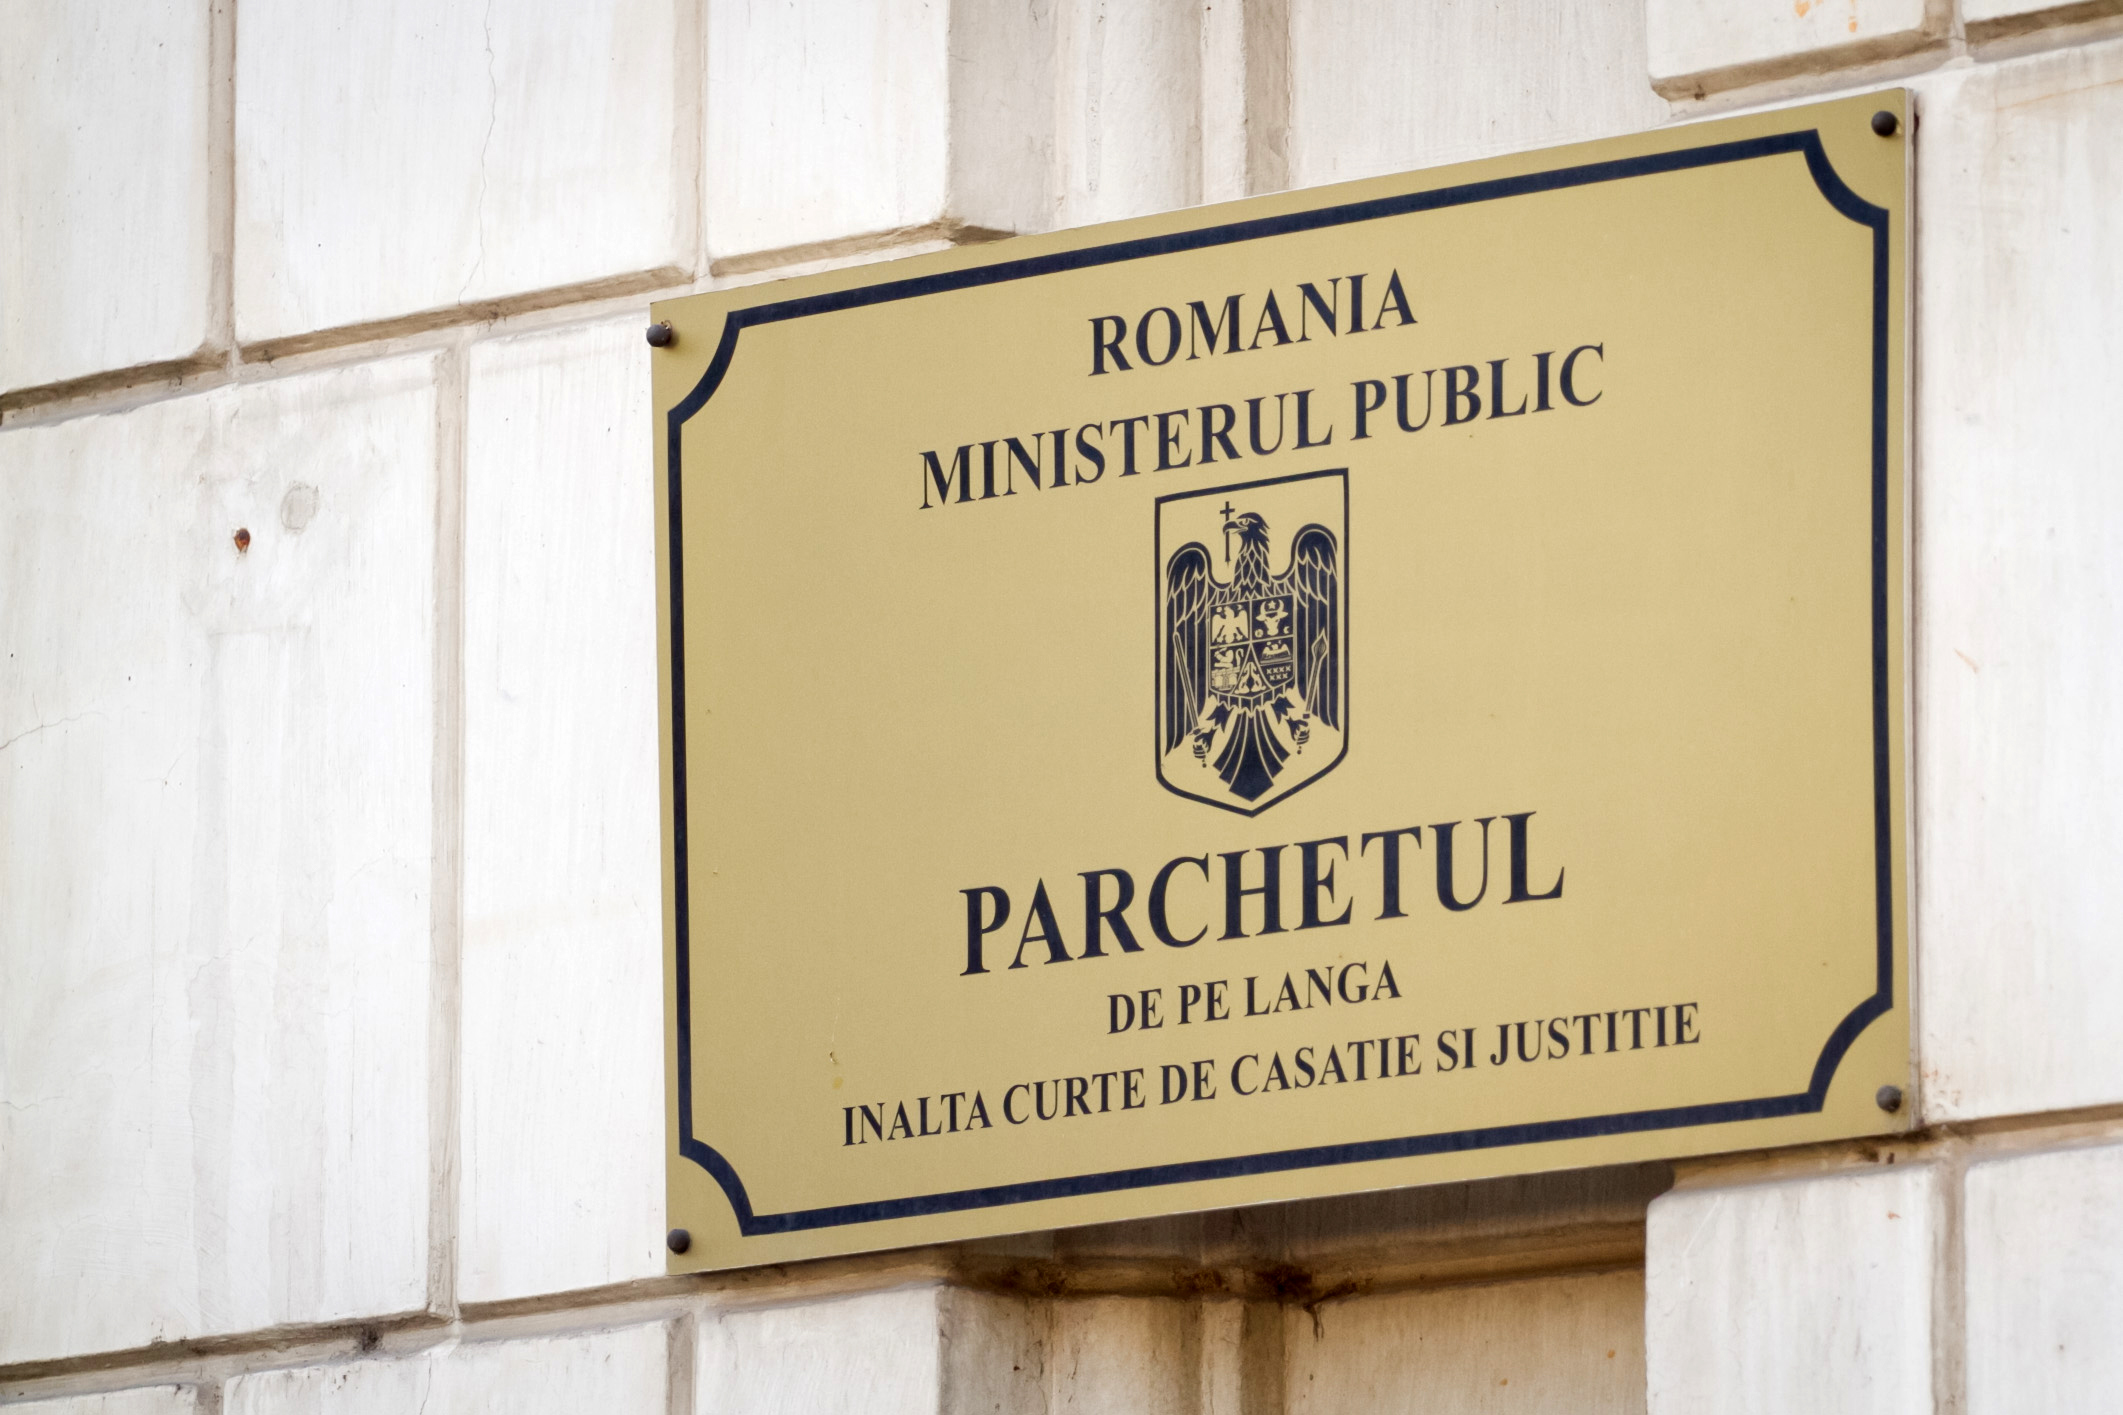 Ministerul Public: Reglementarea pragului valoric la abuzul în serviciu nu e necesară sau oportună